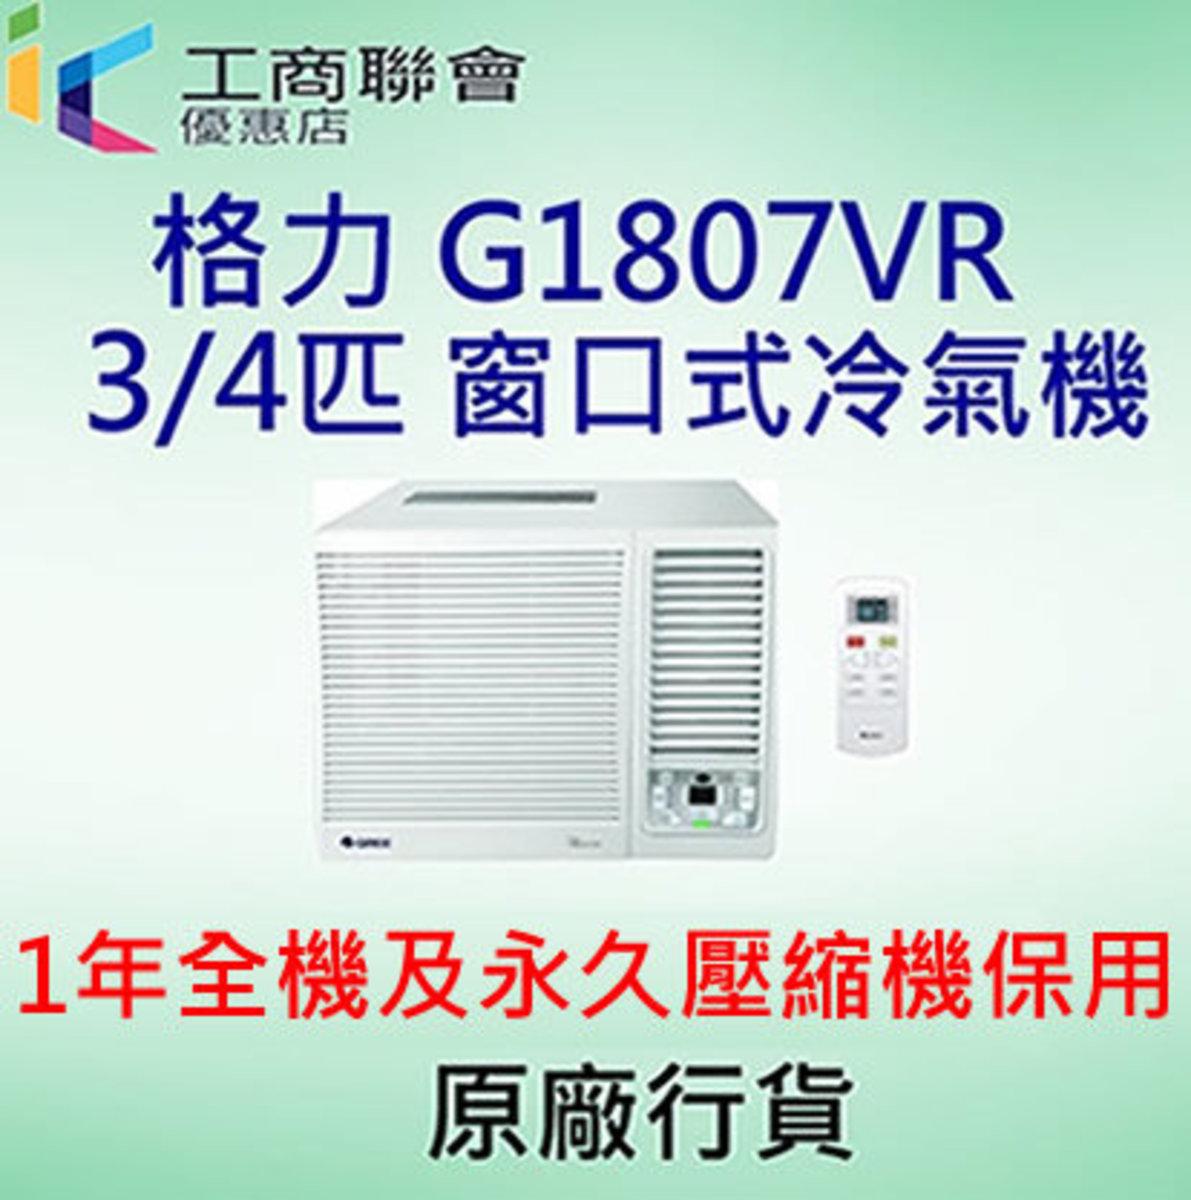 G1807VR 3/4匹(遙控)窗口式冷氣機   (免費除舊服務)